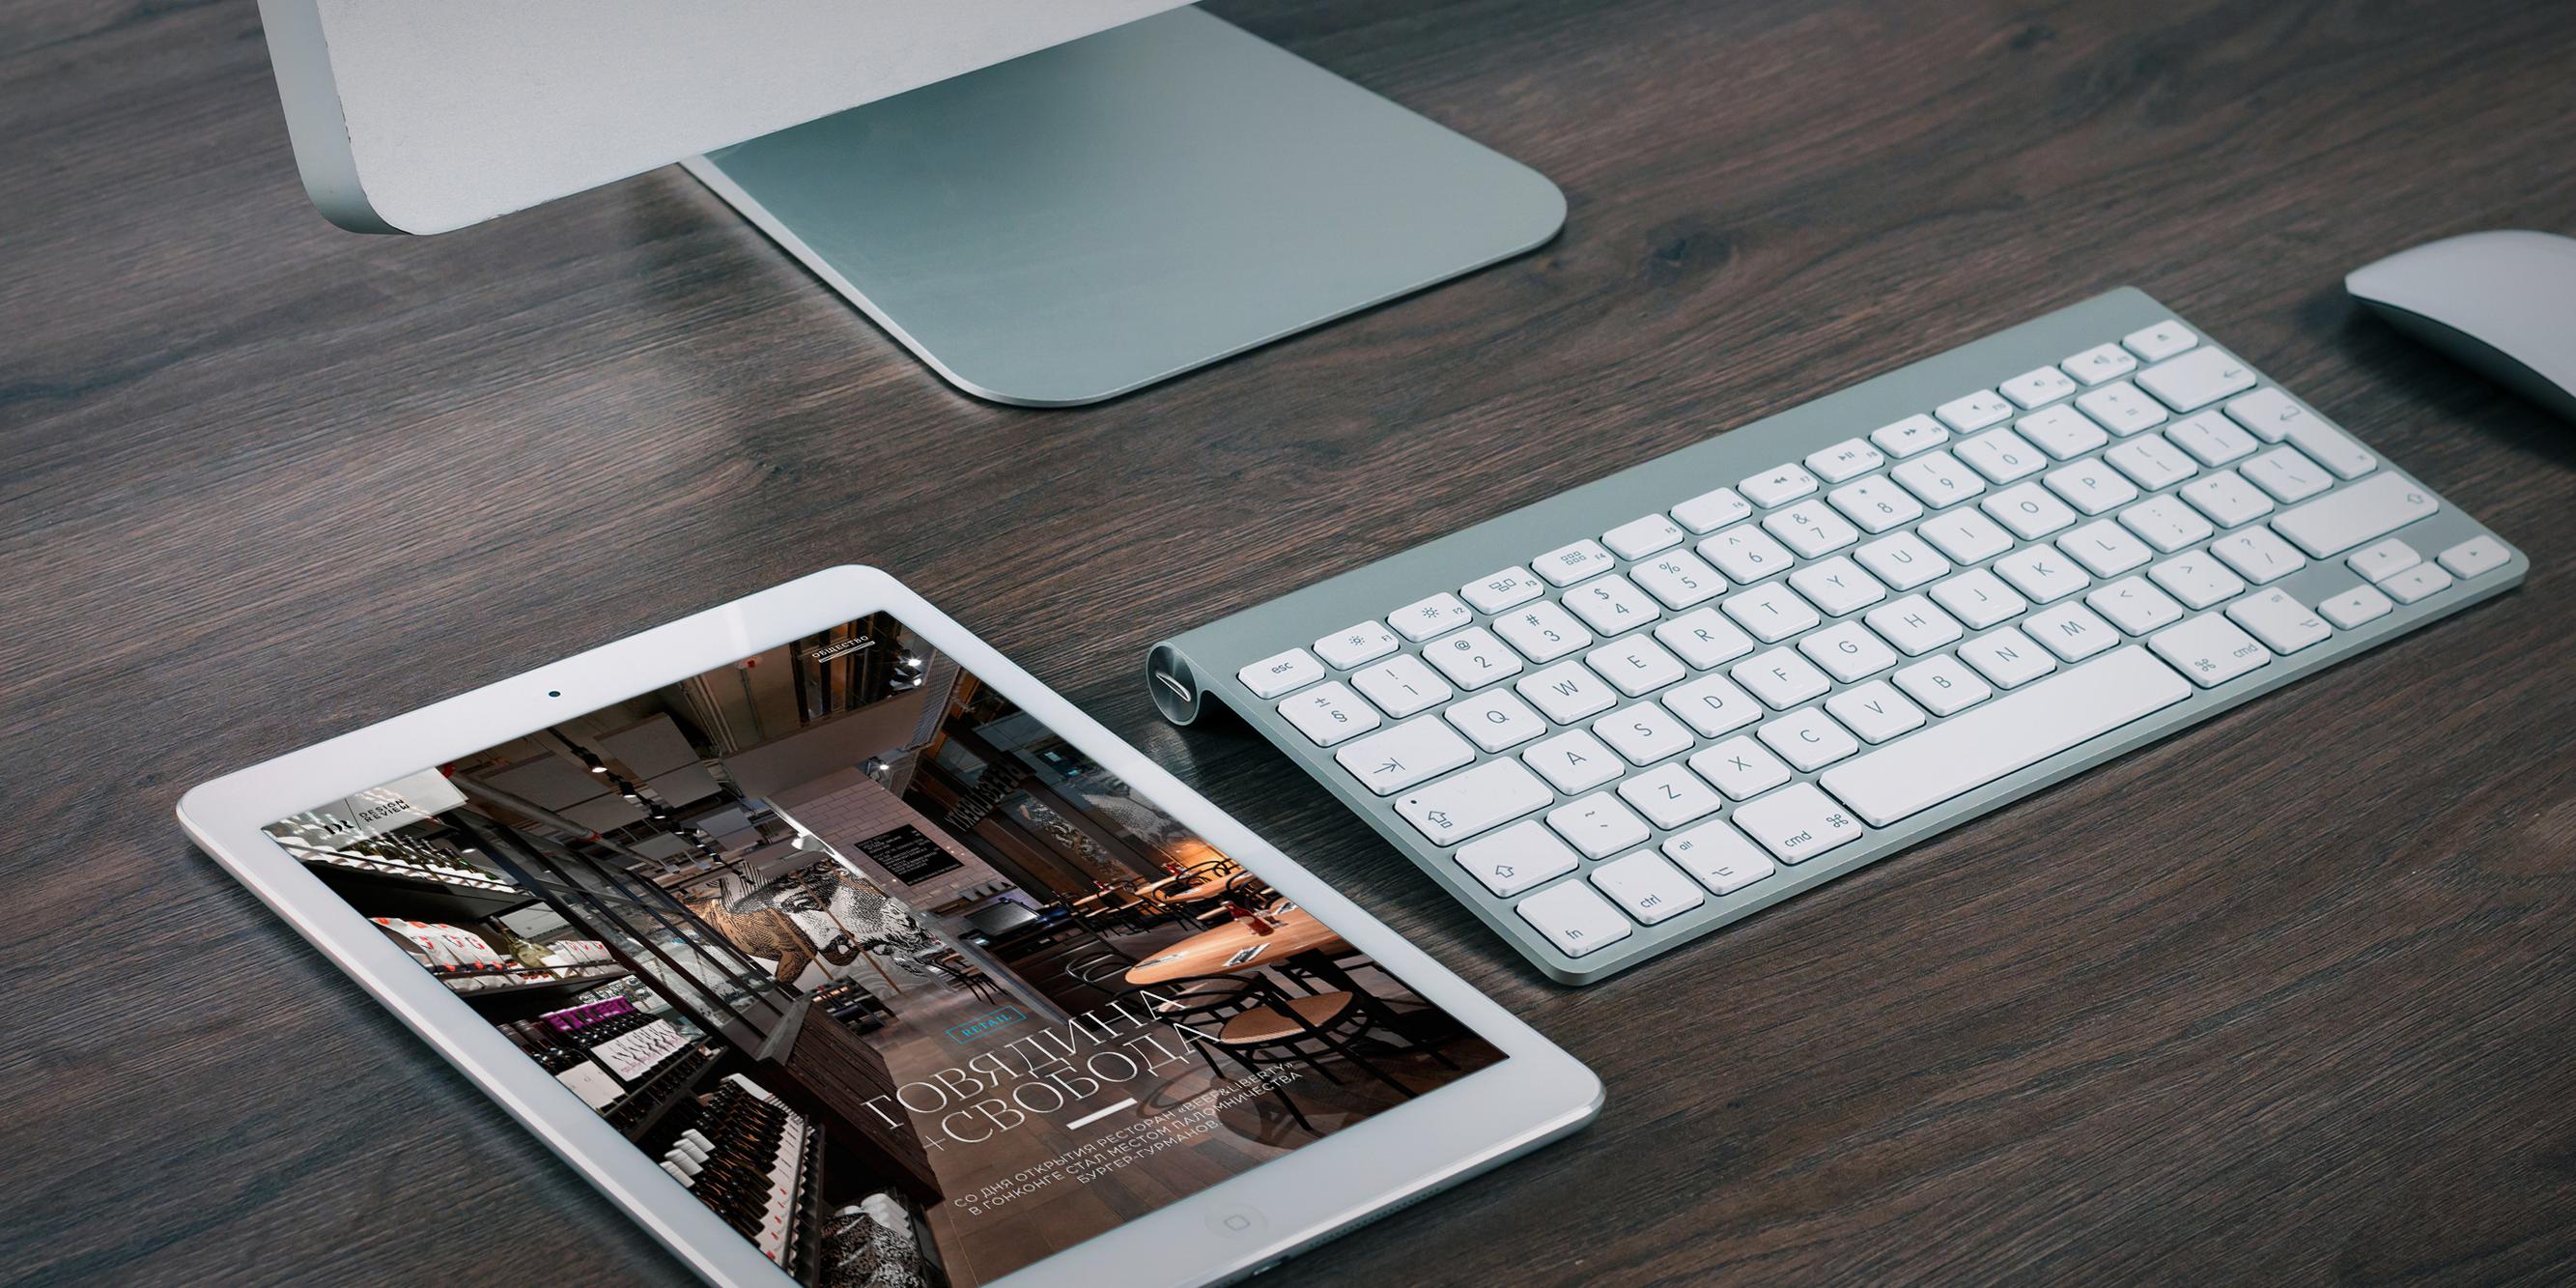 Design Review: интерактивный журнал о дизайне